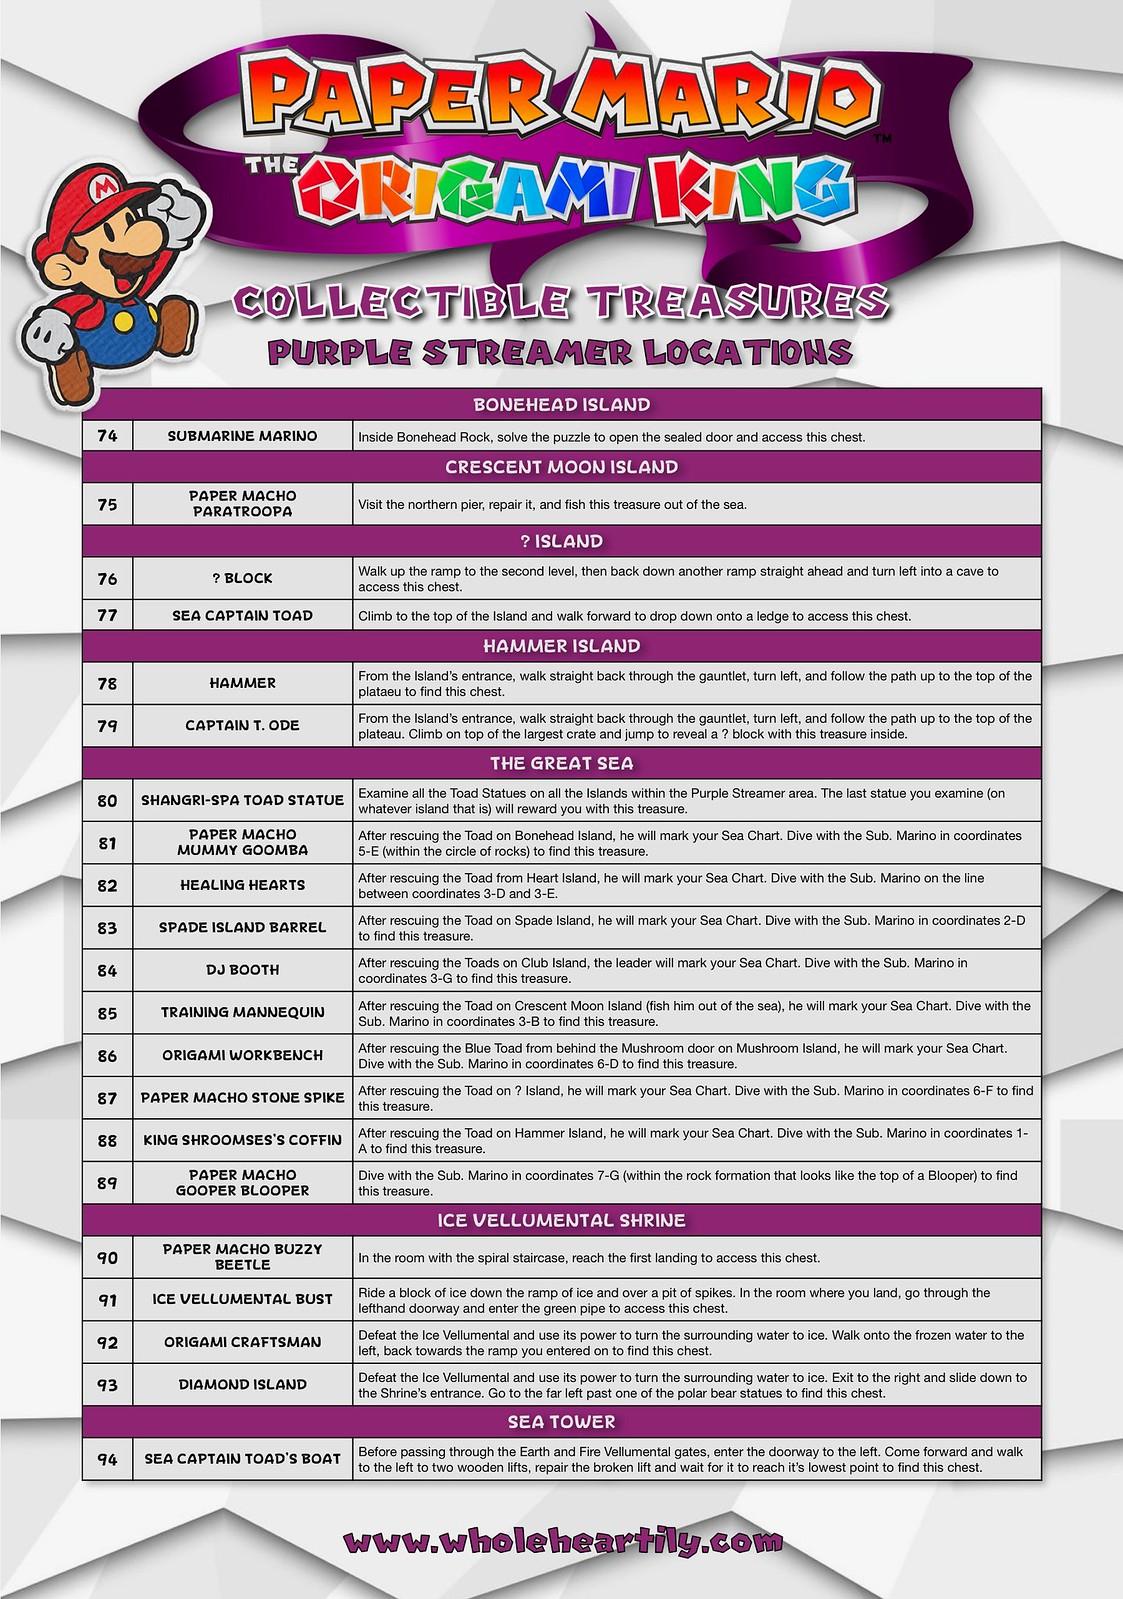 Paper Mario: The Origami King - Purple Streamer Treasure Guide